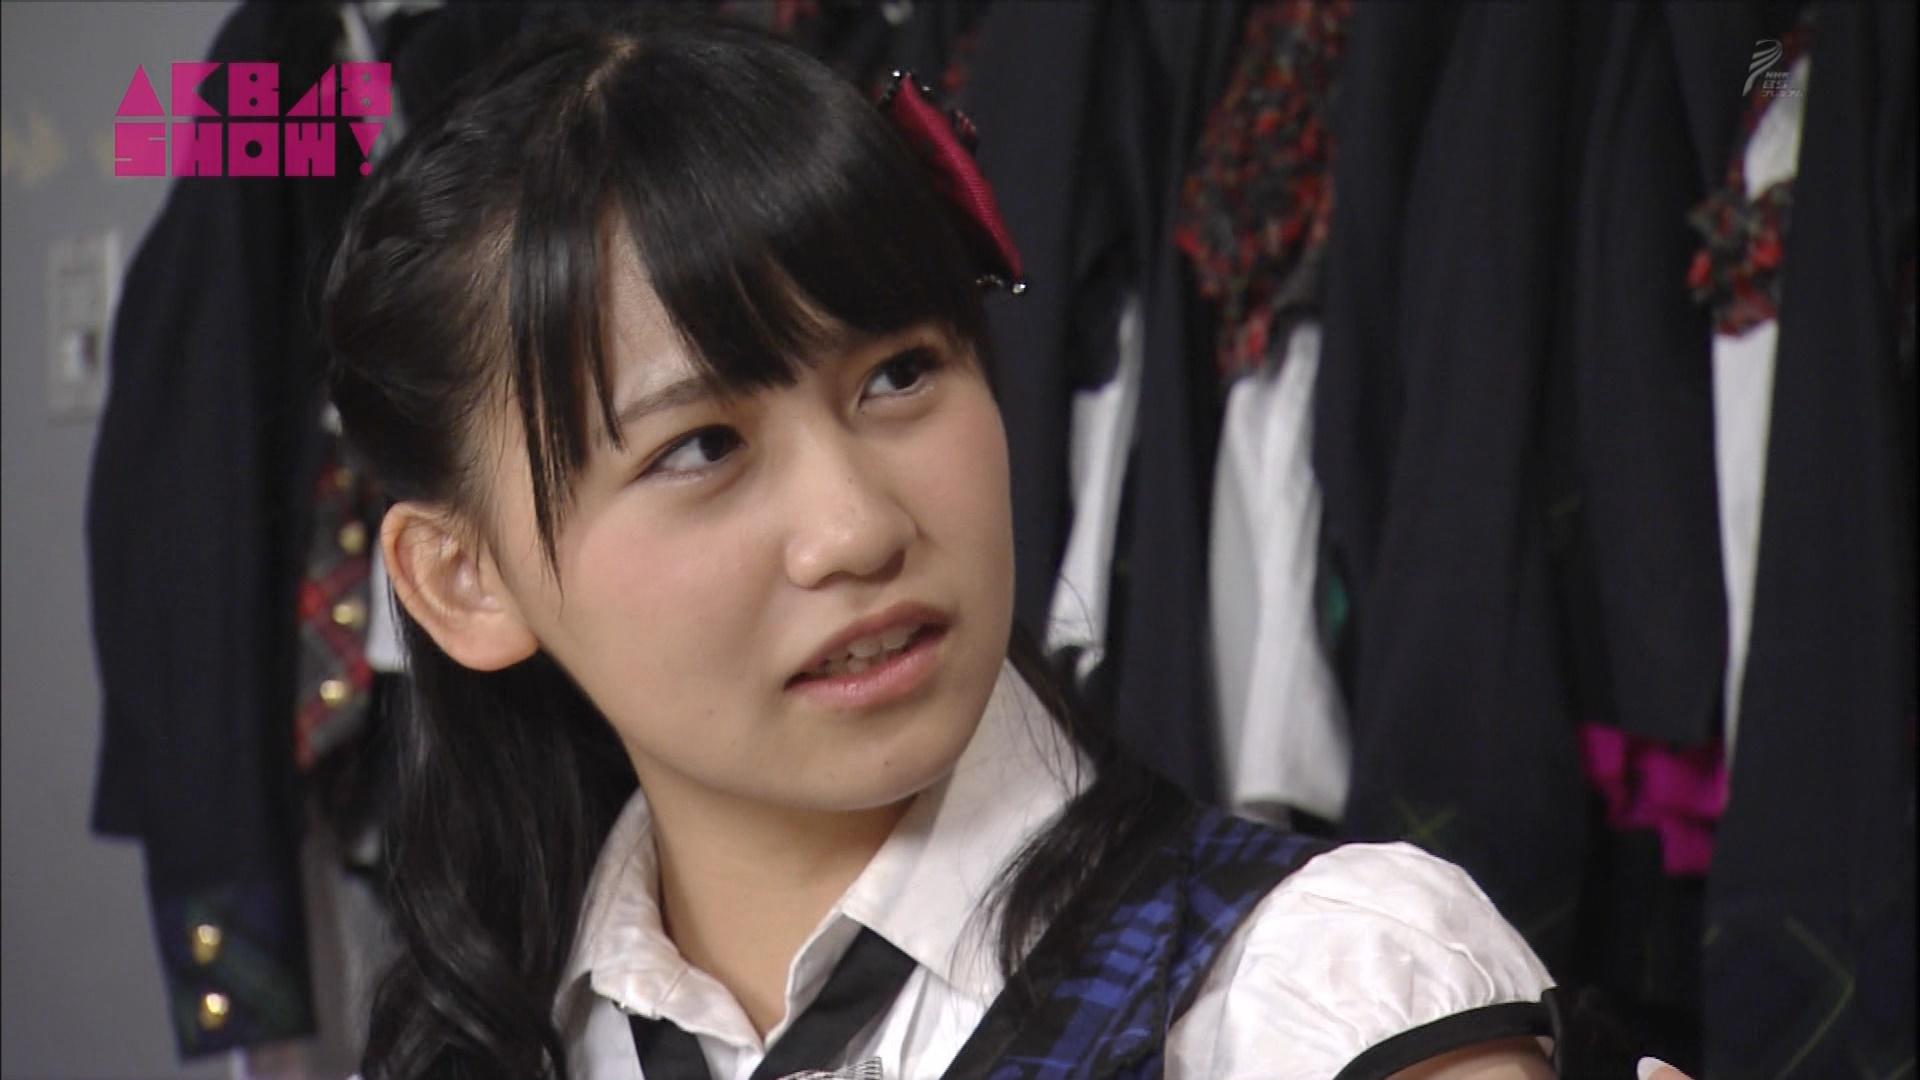 小嶋真子 彼女になれますか AKB48SHOW! 20140906 (15)